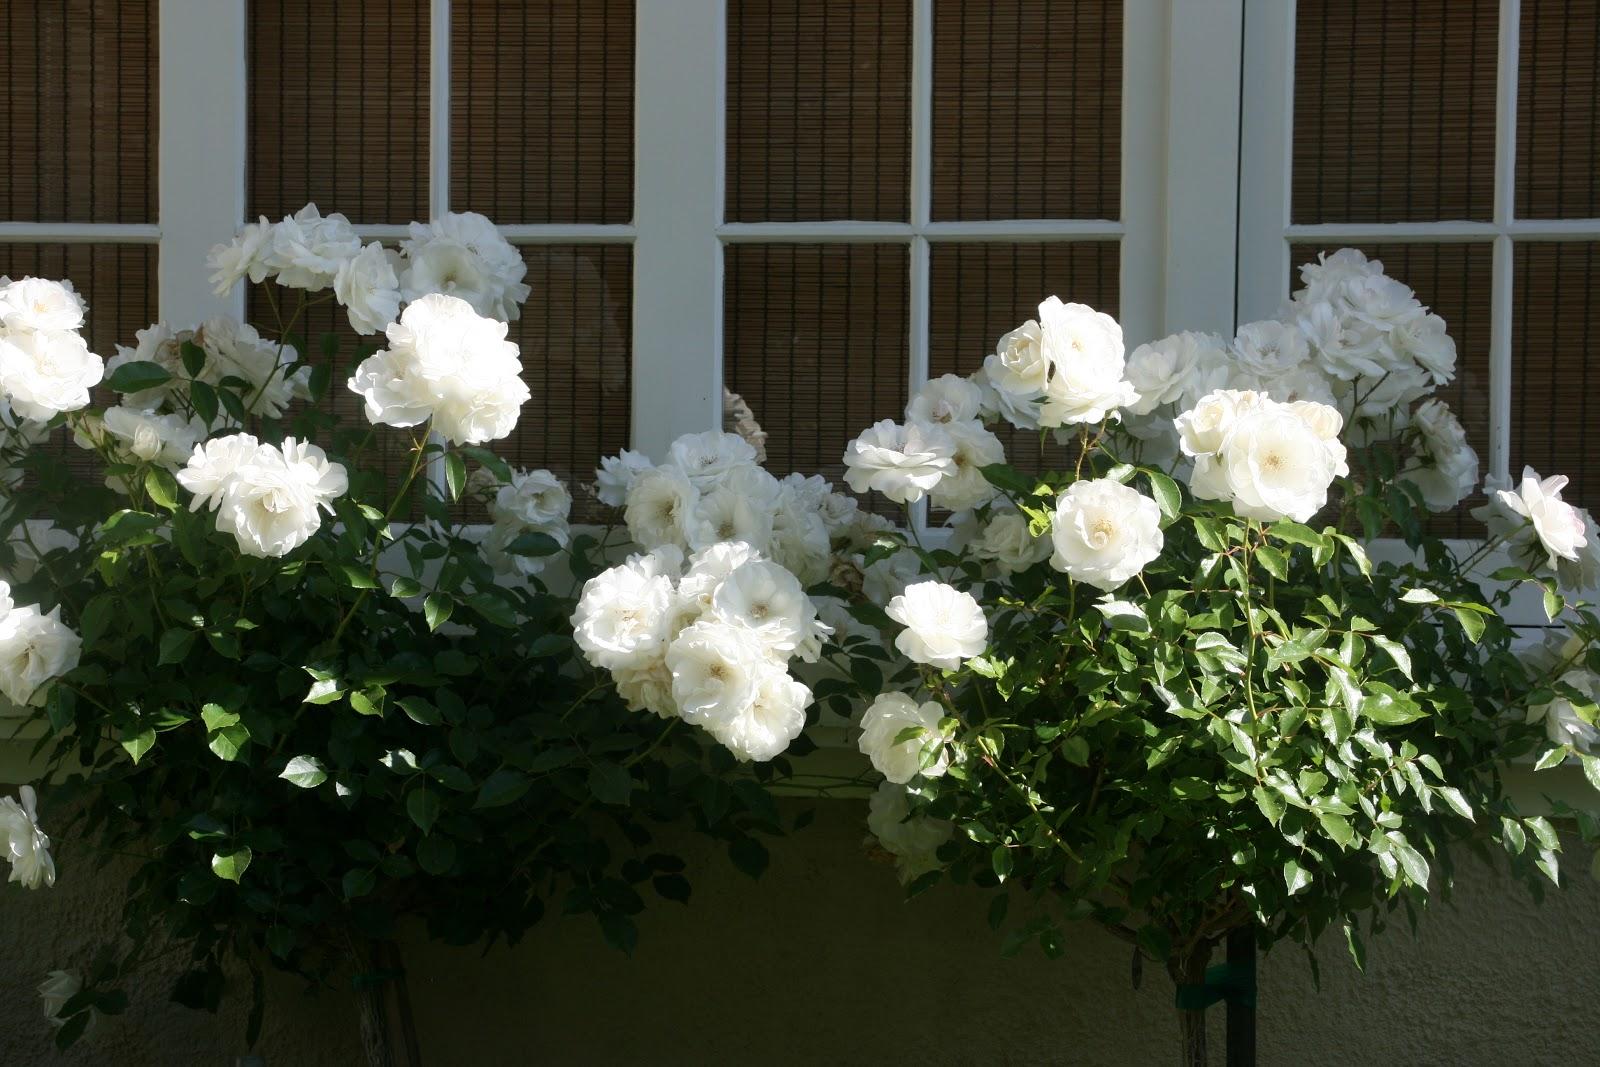 White Garden Rose Bush vignette design: everything's coming up roses